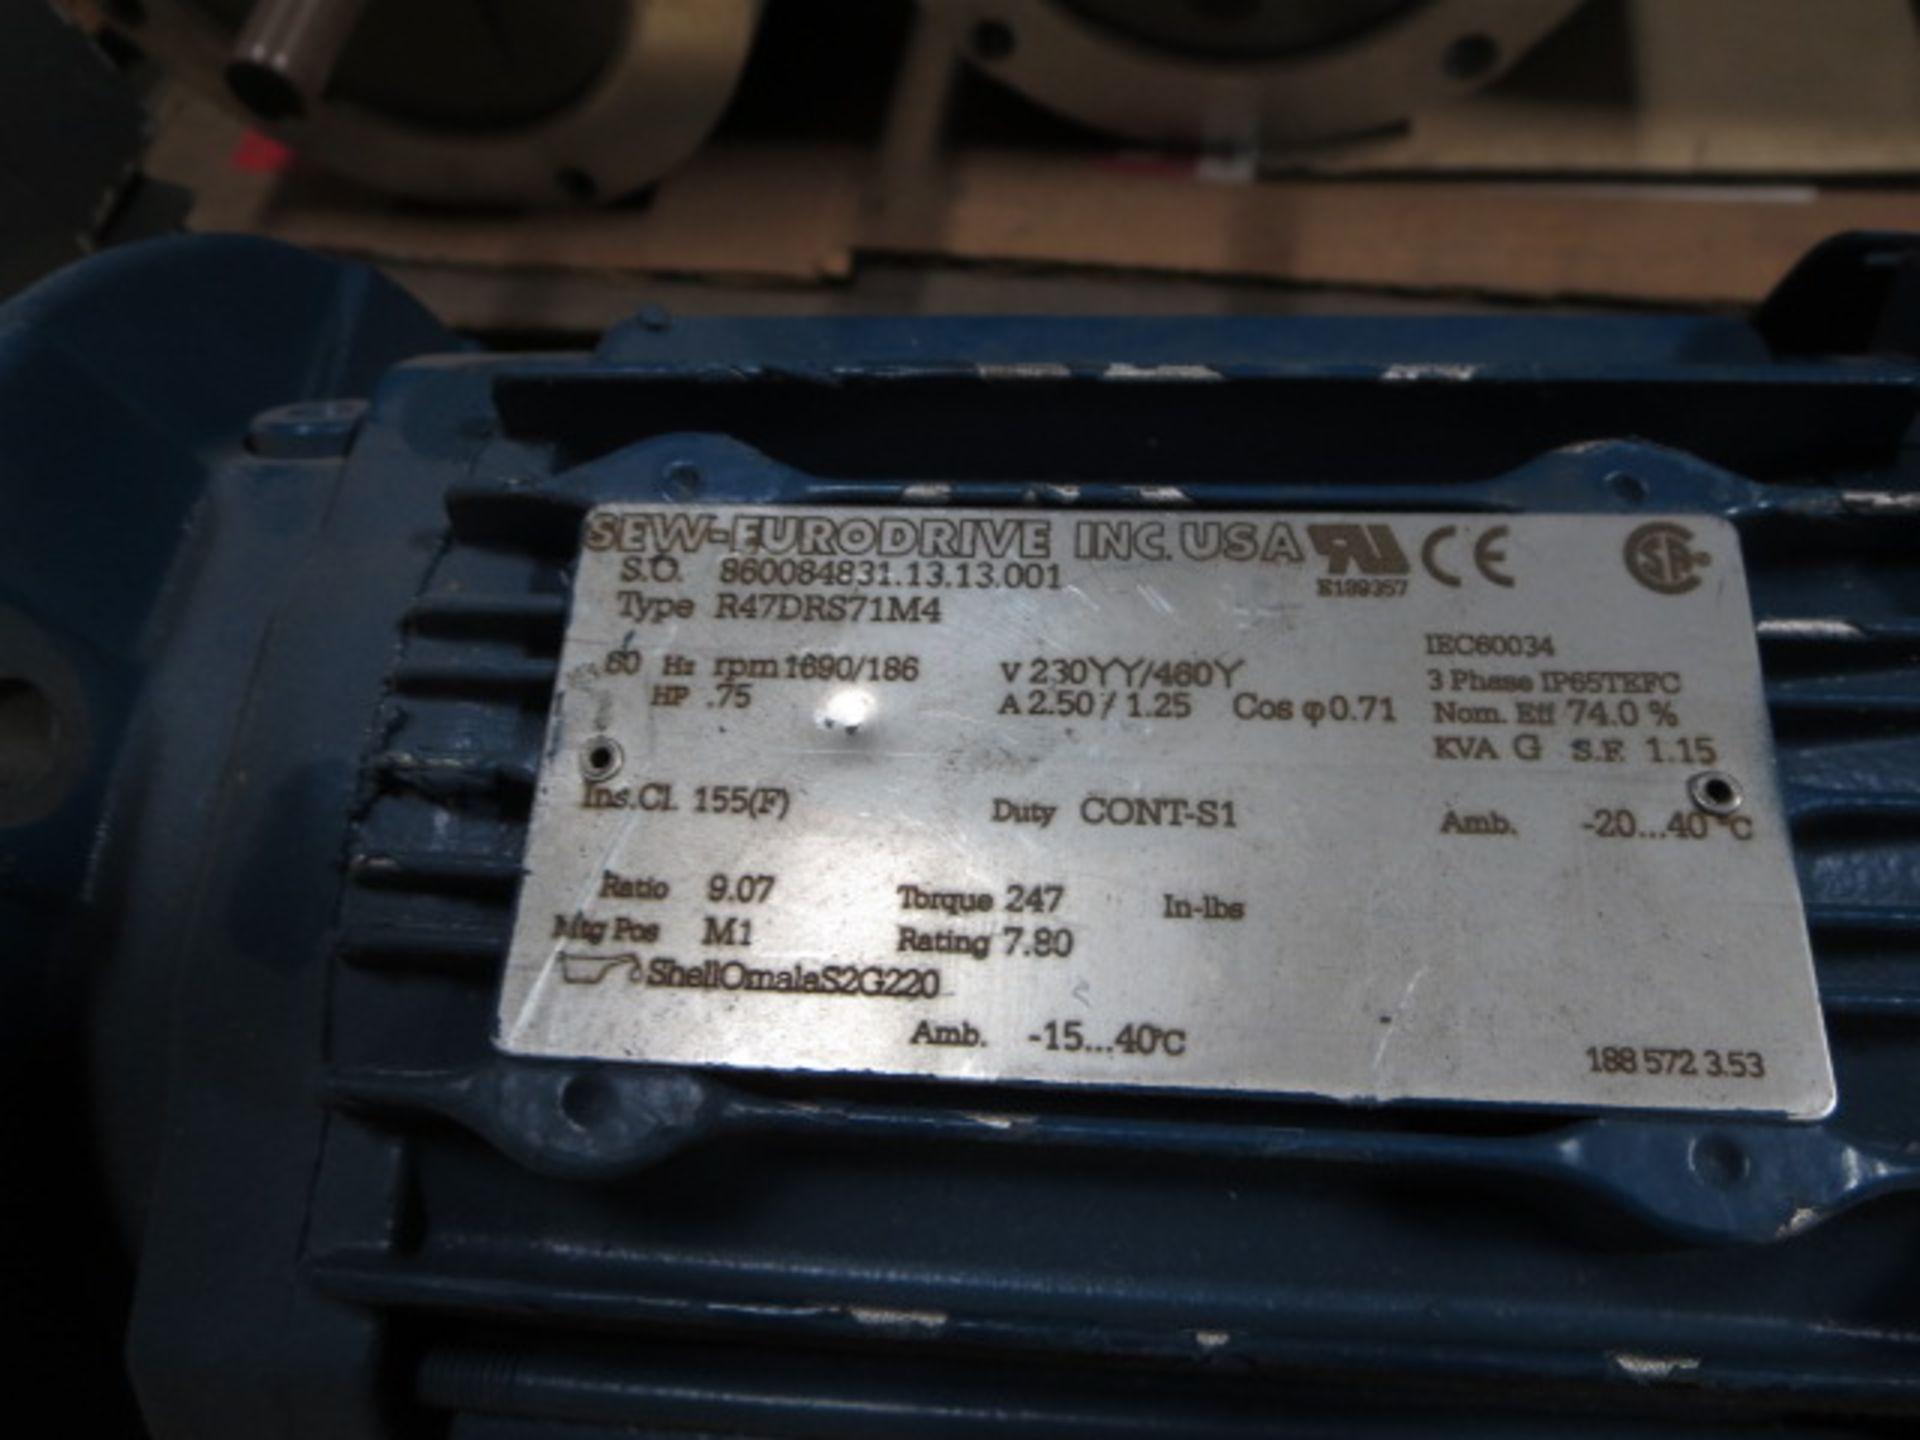 Lot 236 - Sew Eurodrive Motor, 3 Phase, 60Hz